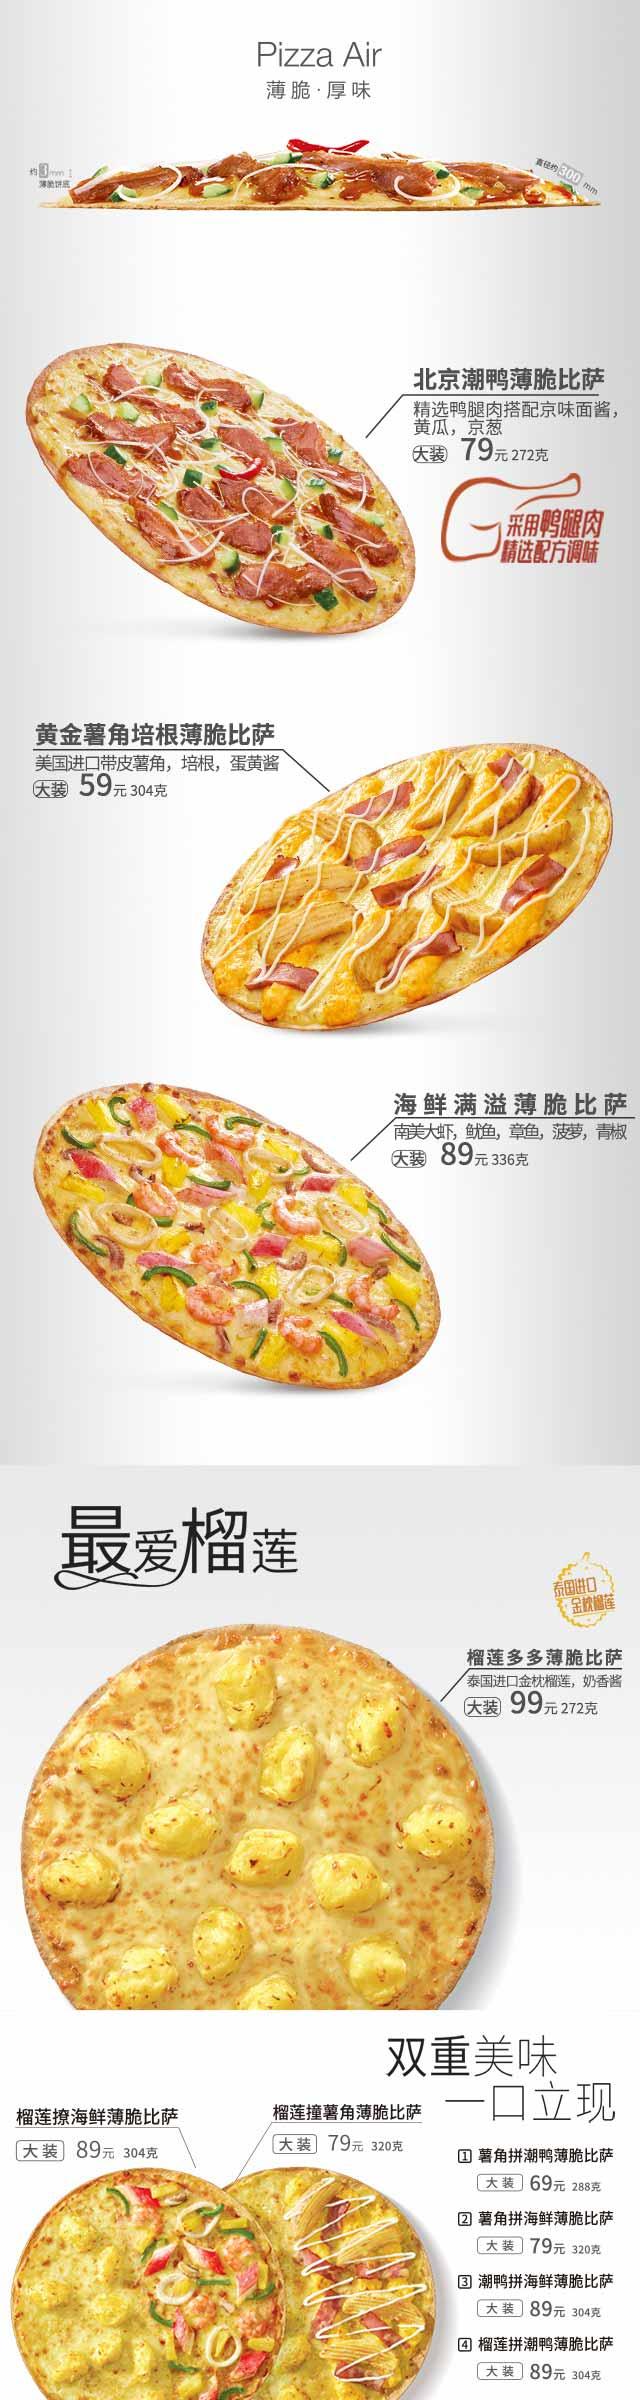 优惠券图片:必胜客Pizza Air薄脆·厚味比萨59元起 有效期2018年04月23日-2018年05月20日